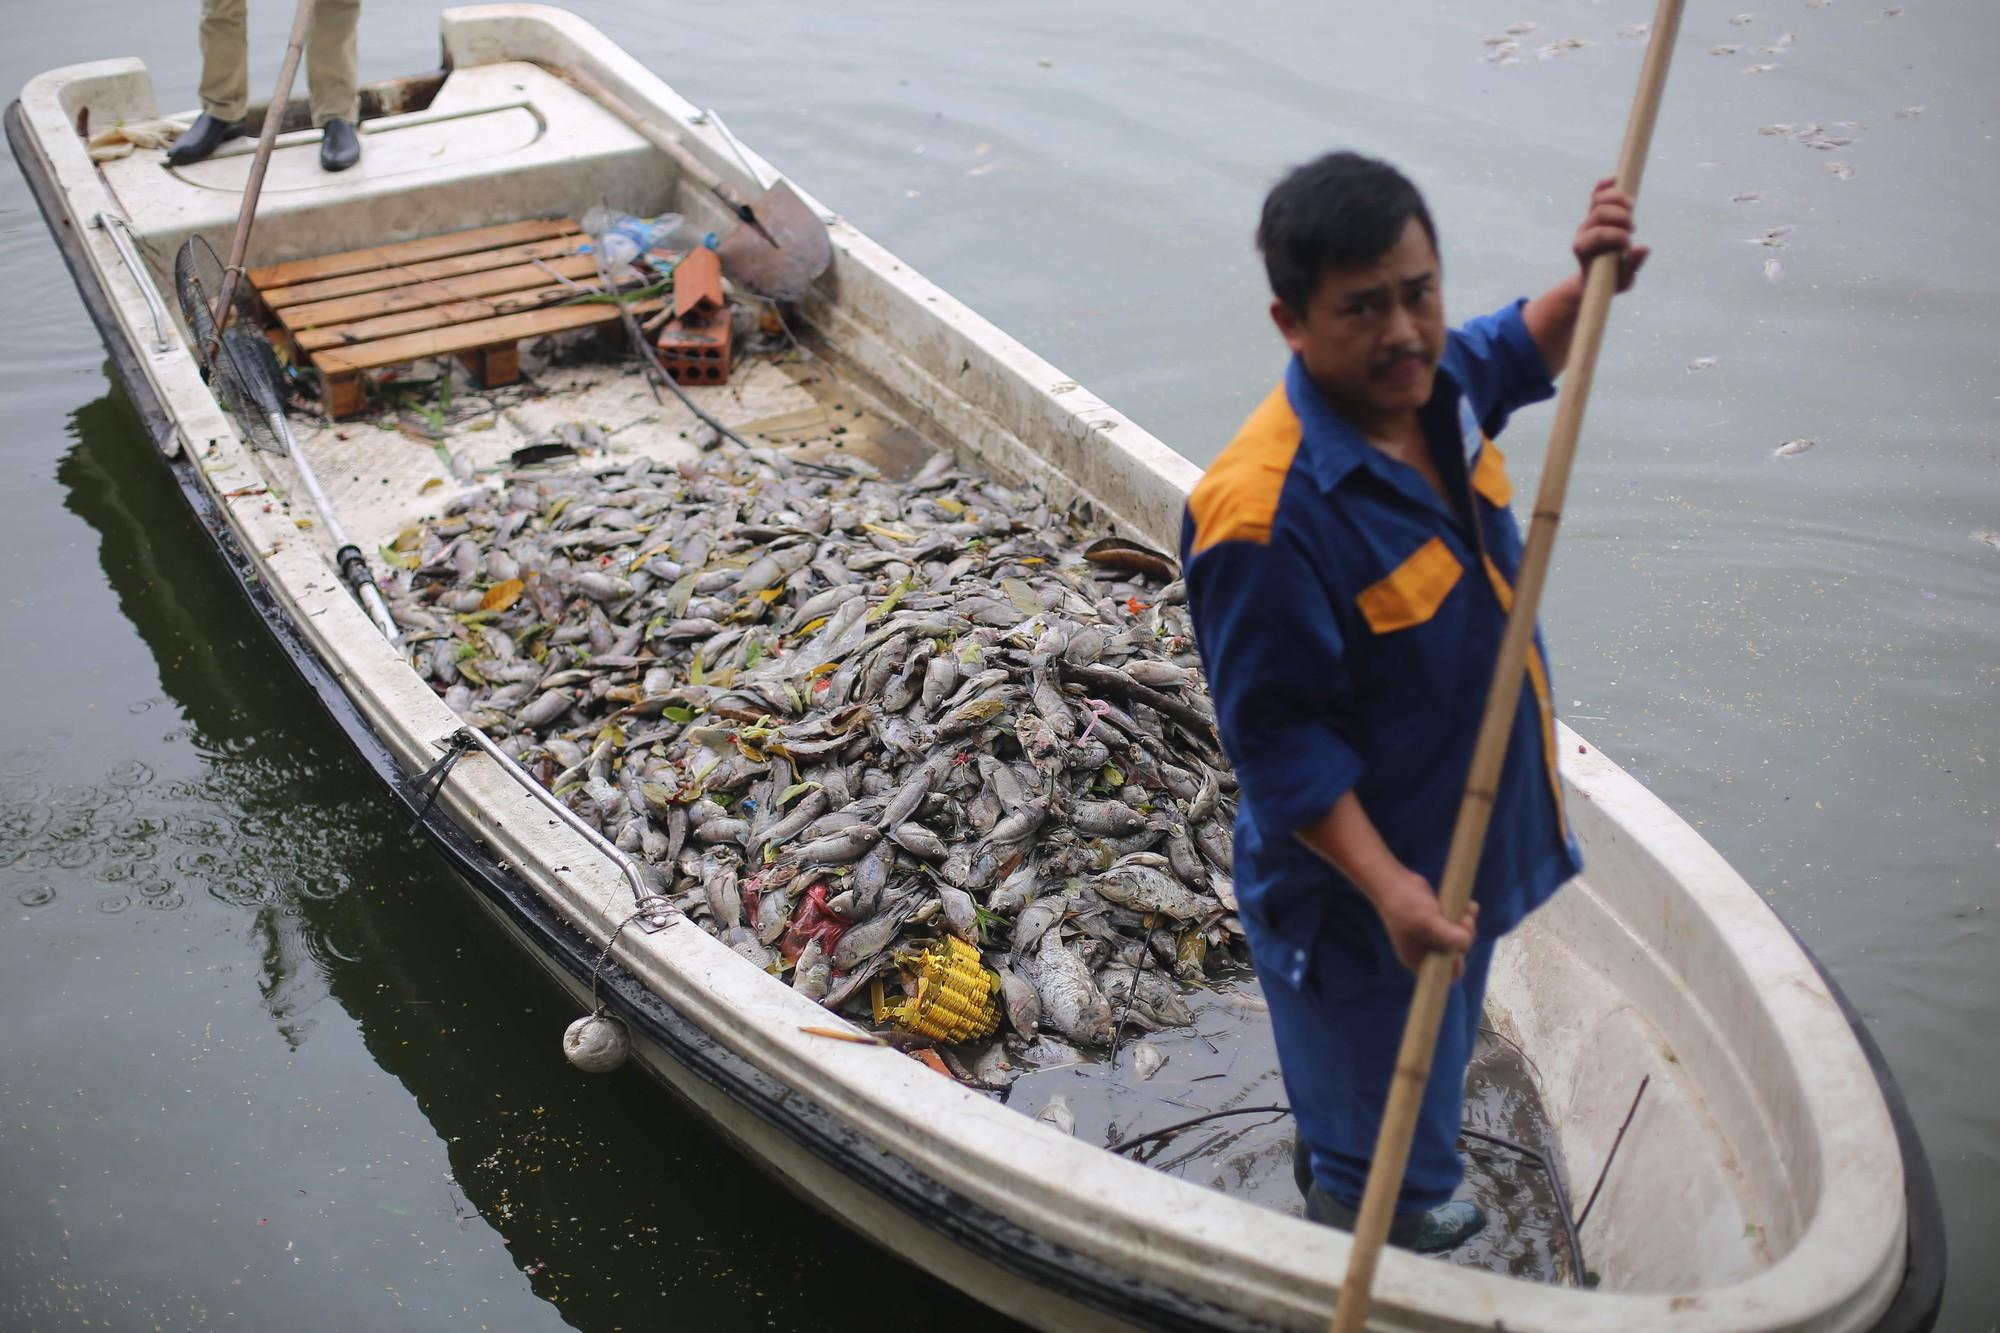 Hà Nội: Cá chết ở hồ Văn Chương khiến cư dân quanh hồ không dám thở - Ảnh 6.